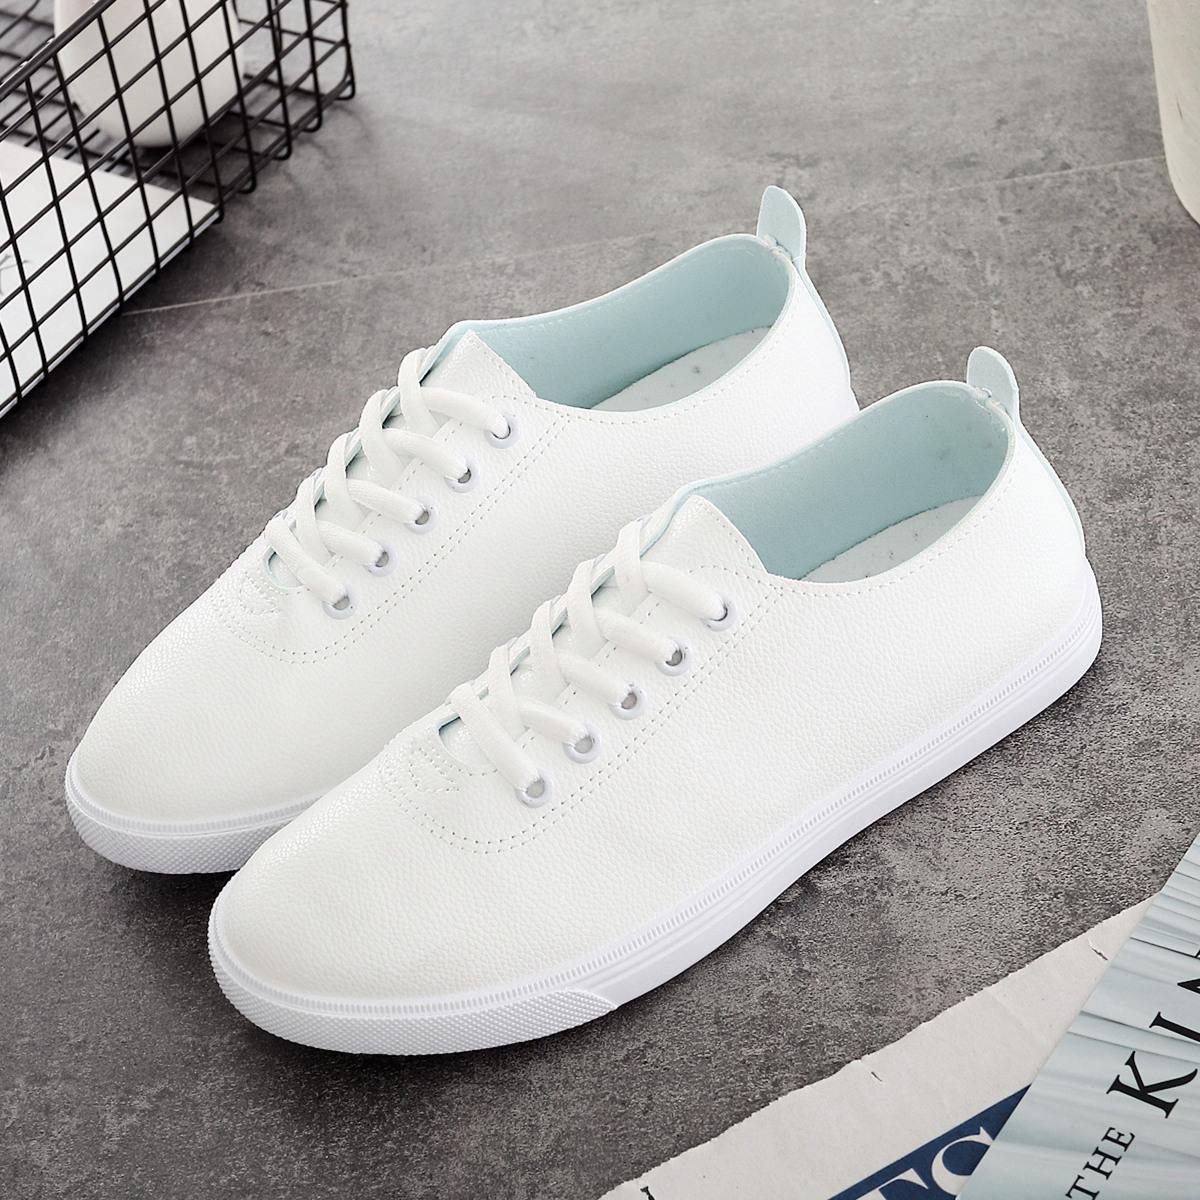 小白鞋2017秋季新款女鞋板鞋韩版系带白色黑色皮面学生鞋41大码鞋